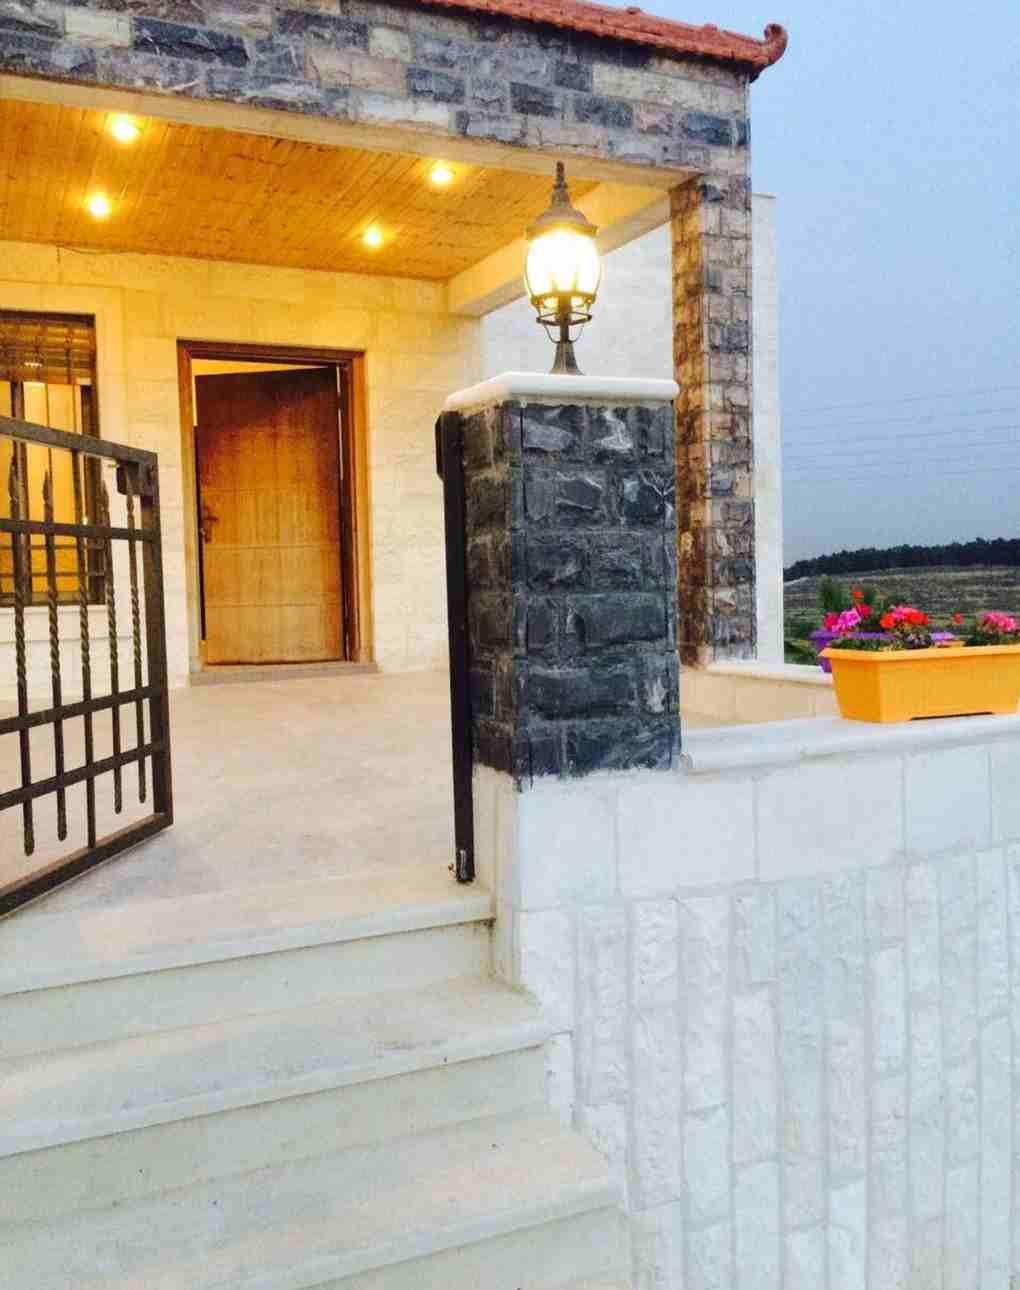 فيلا سوبر ديلوكس للبيع في شارع السلام مرج الحمام  مساحة البناء: 650...